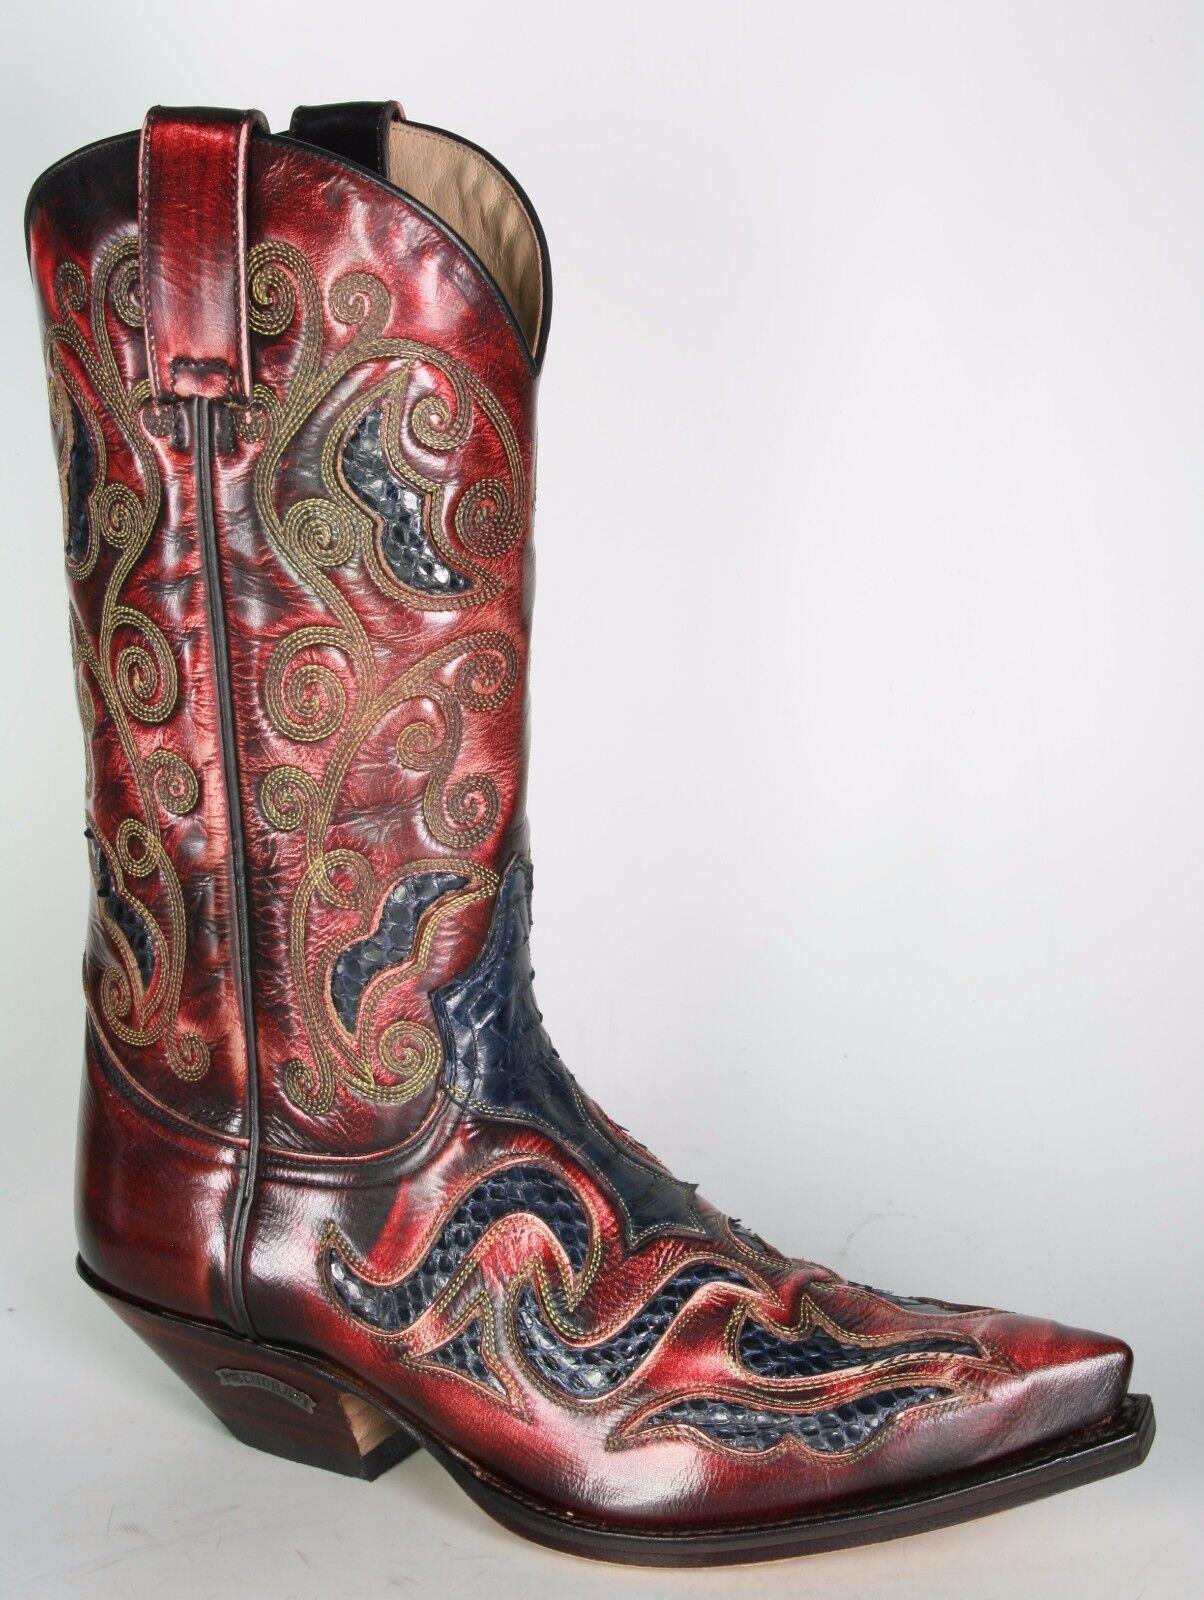 7428 Sendra botas de vaquero denver rojo Python azul marco cosidos Western botas